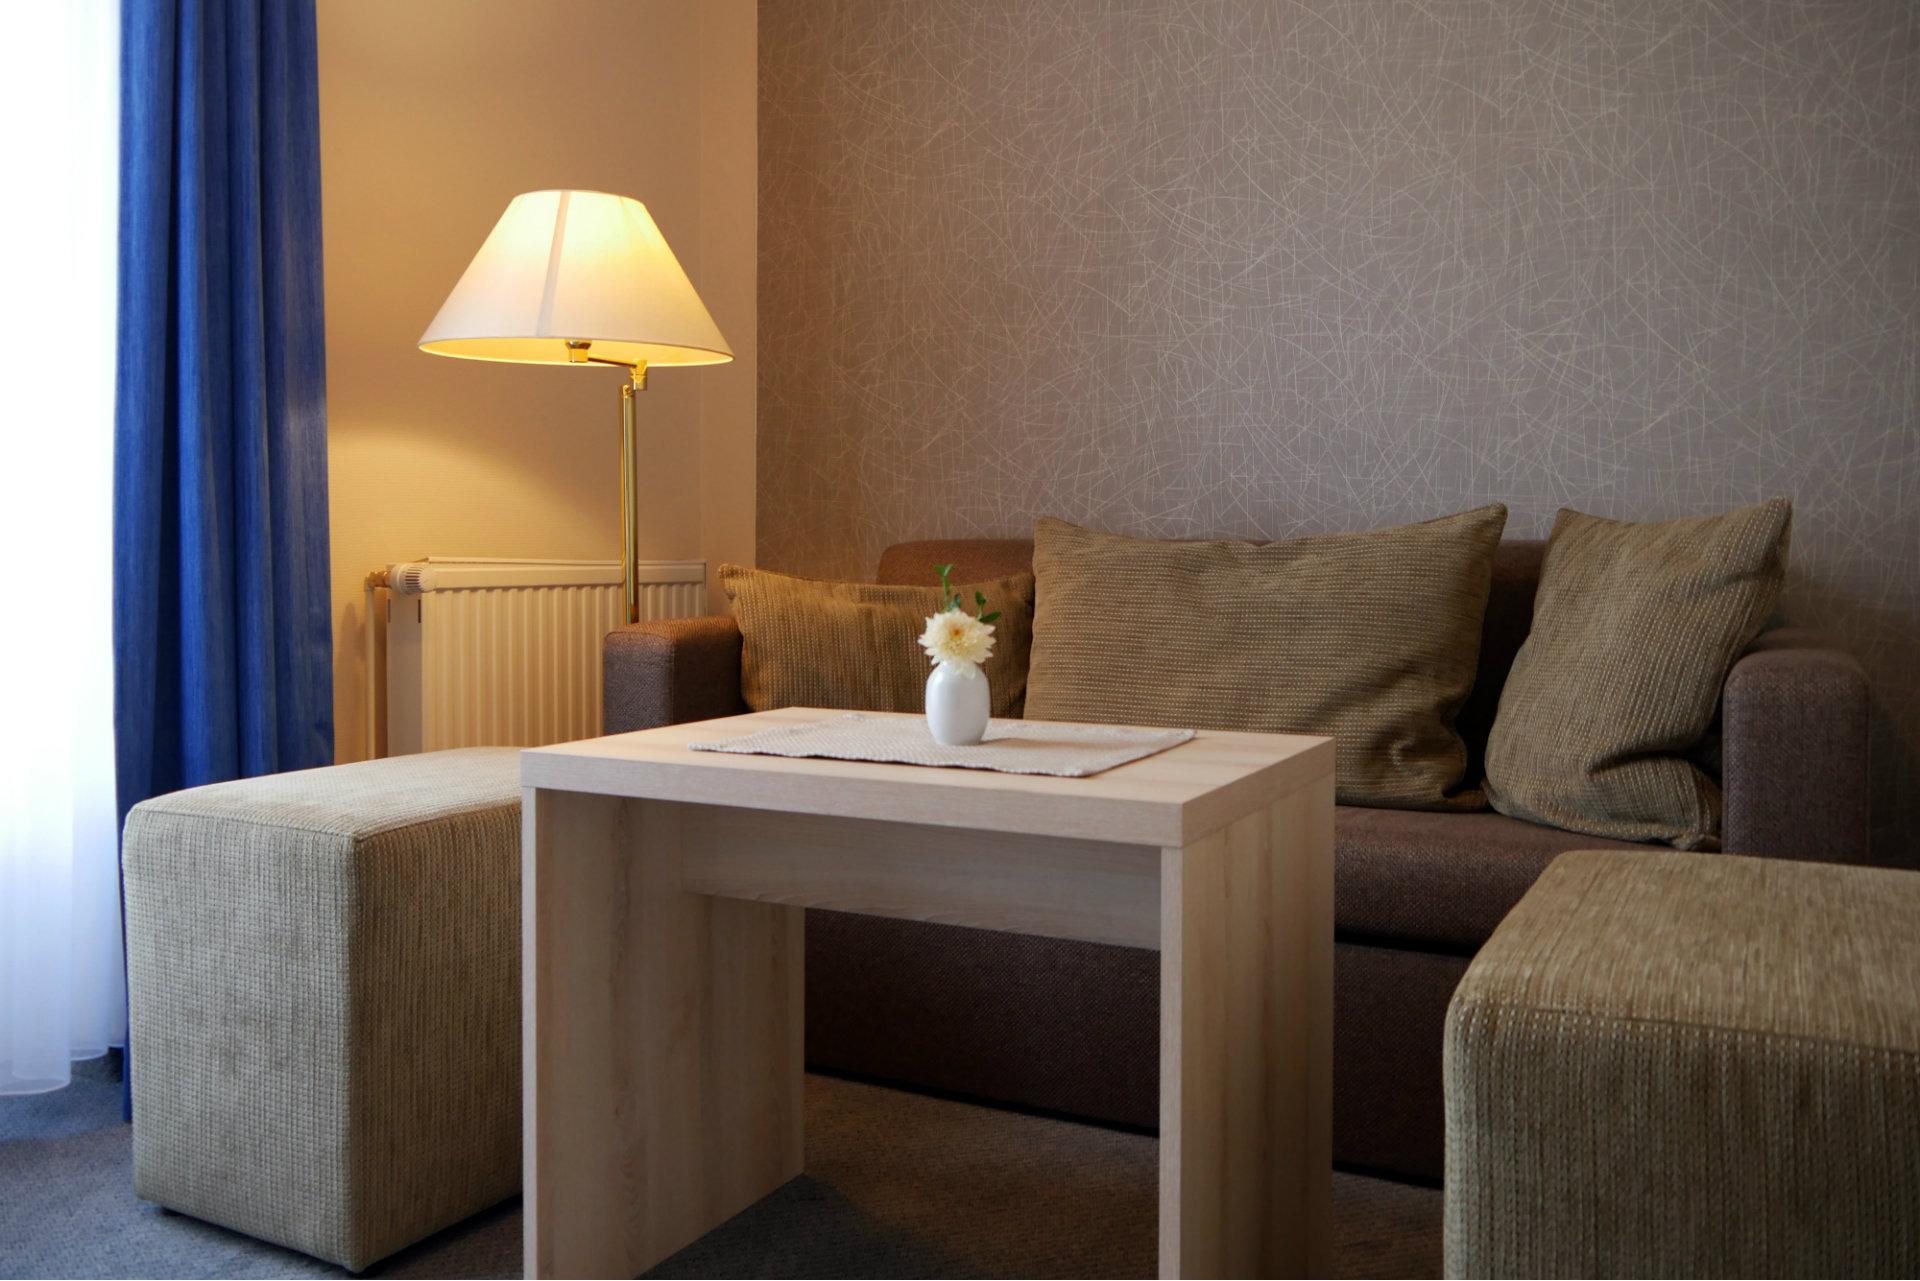 Juniorsuite Wohnbereich Hotel